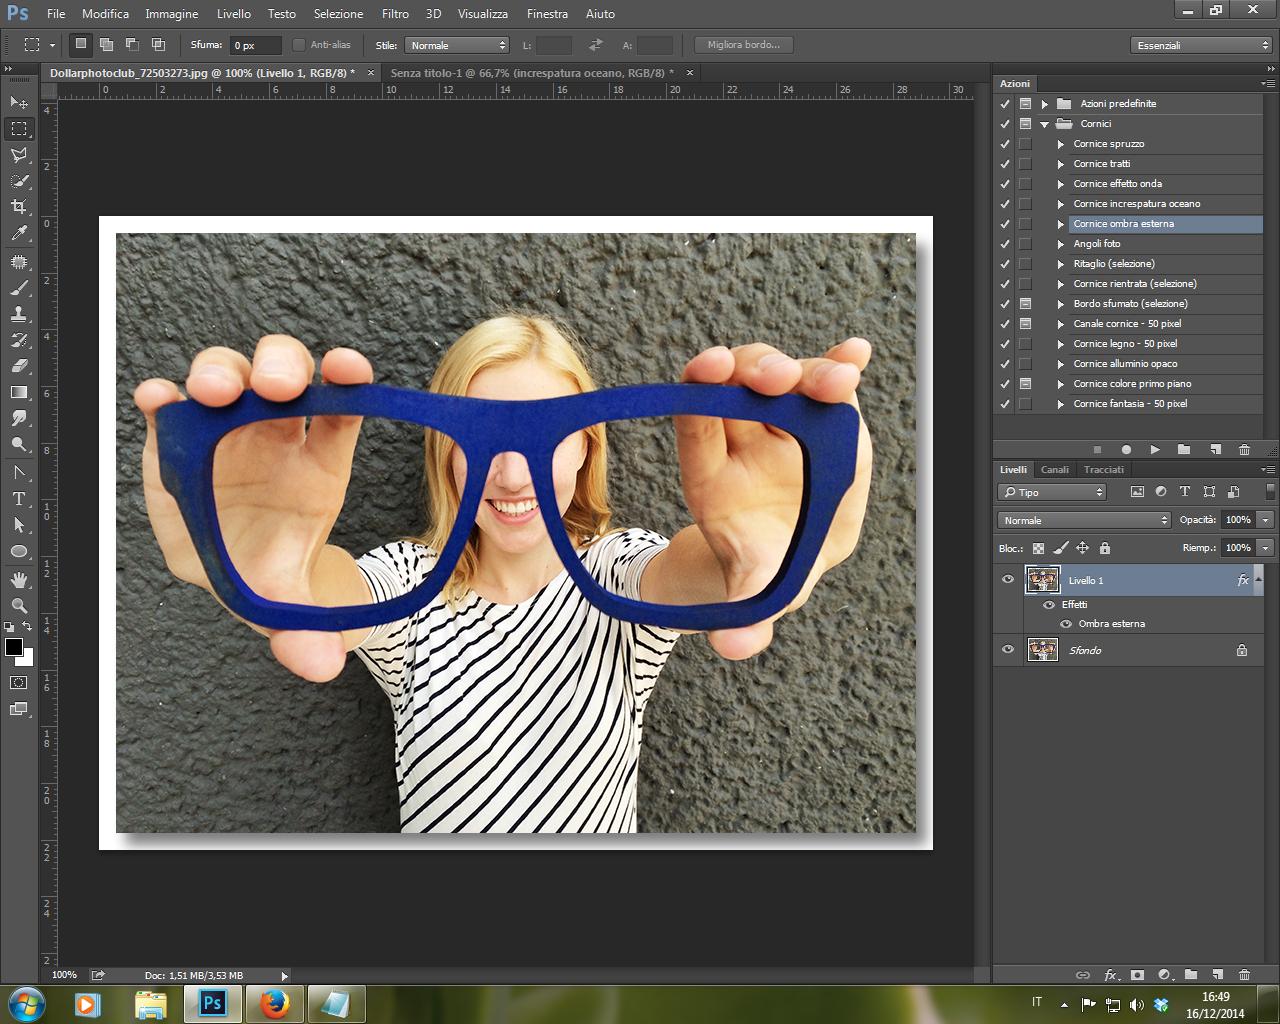 Azione Cornice Ombra Esterna Photoshop CC 2014